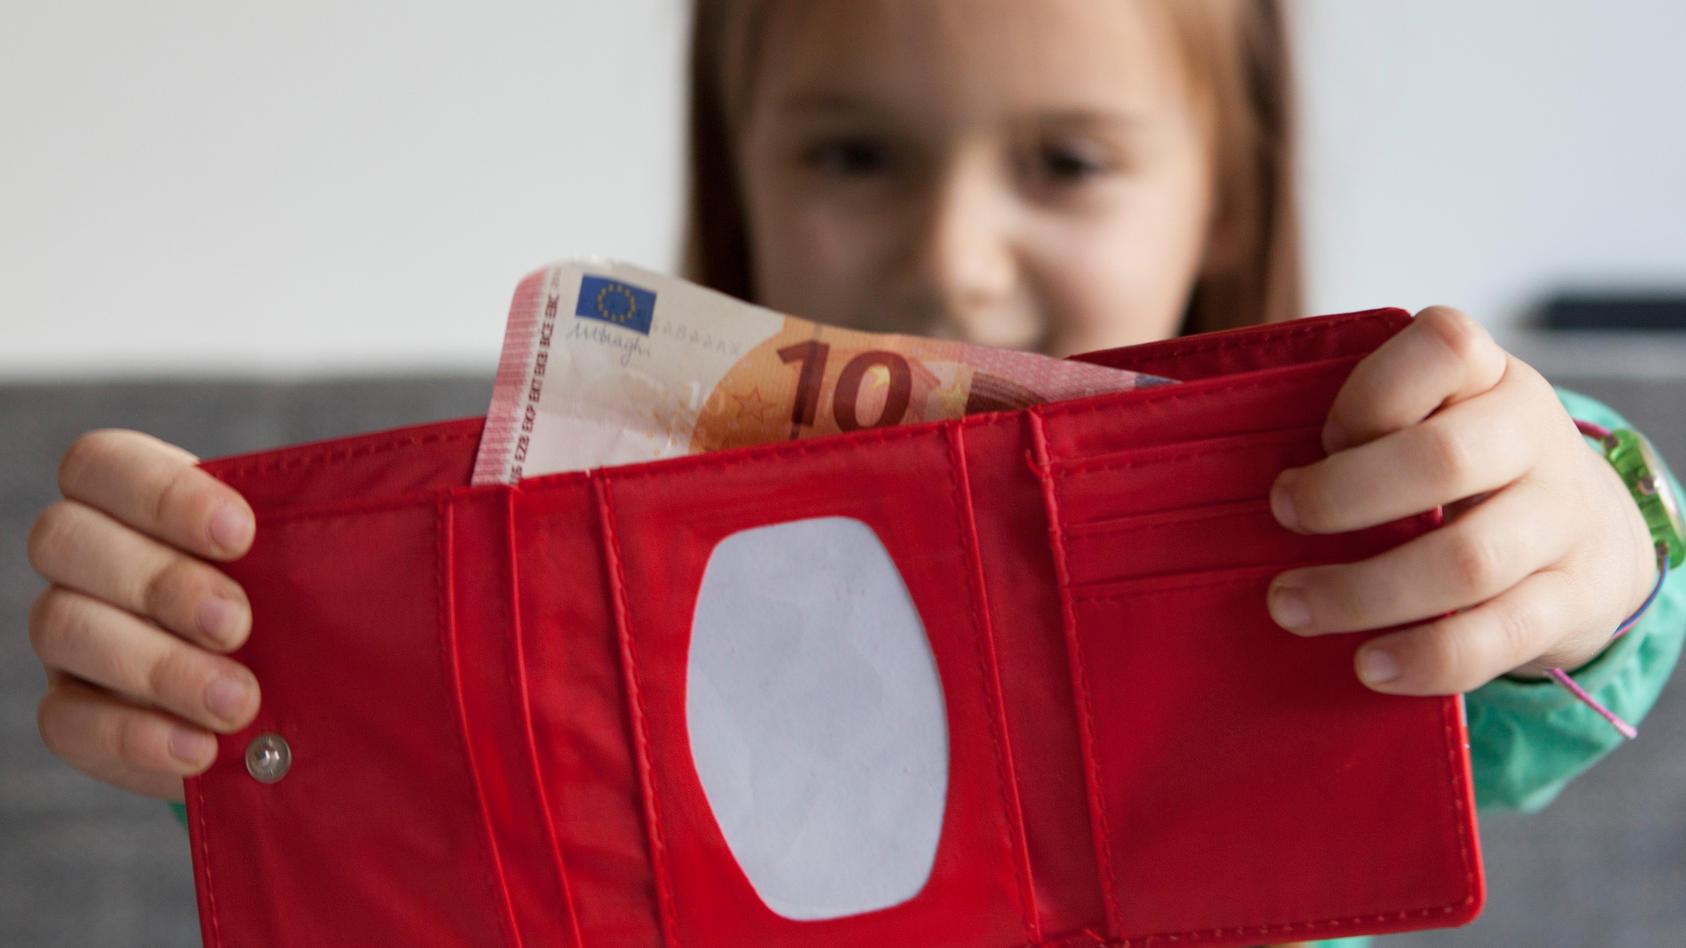 Kann man einem Kind gutes Verhalten mit Taschengeldkürzungen und Aufstockungen beibringen? Diese Frage beantwortet Pädagogin Elisabeth Elsner für uns.